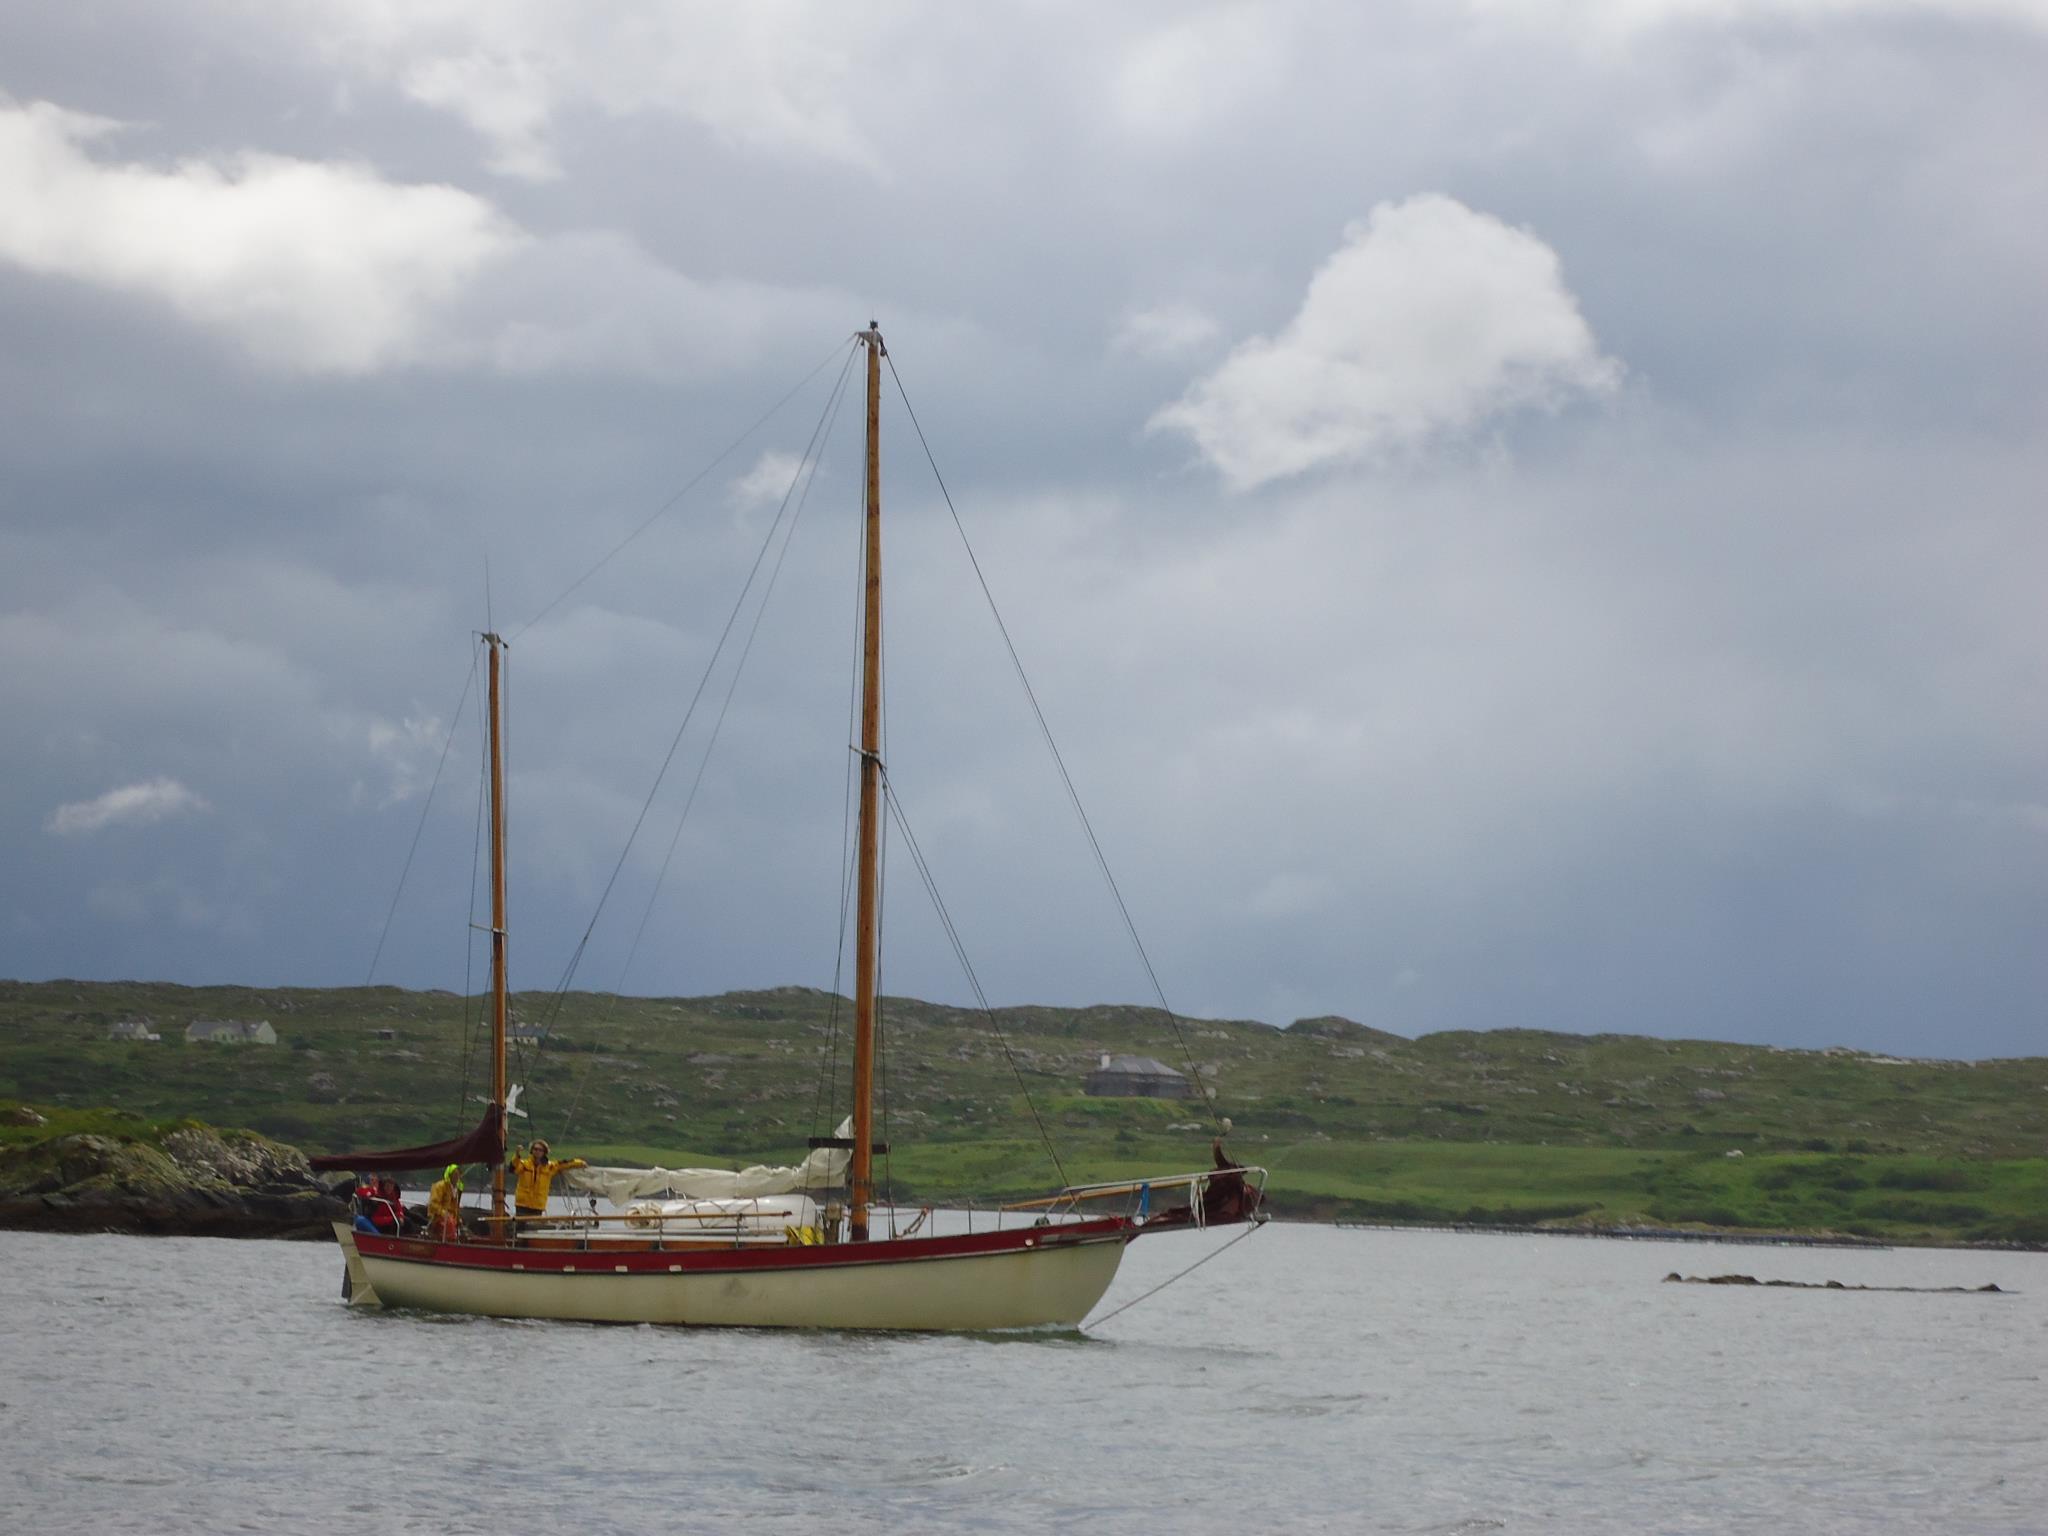 Teddy departs Ireland, June 2012